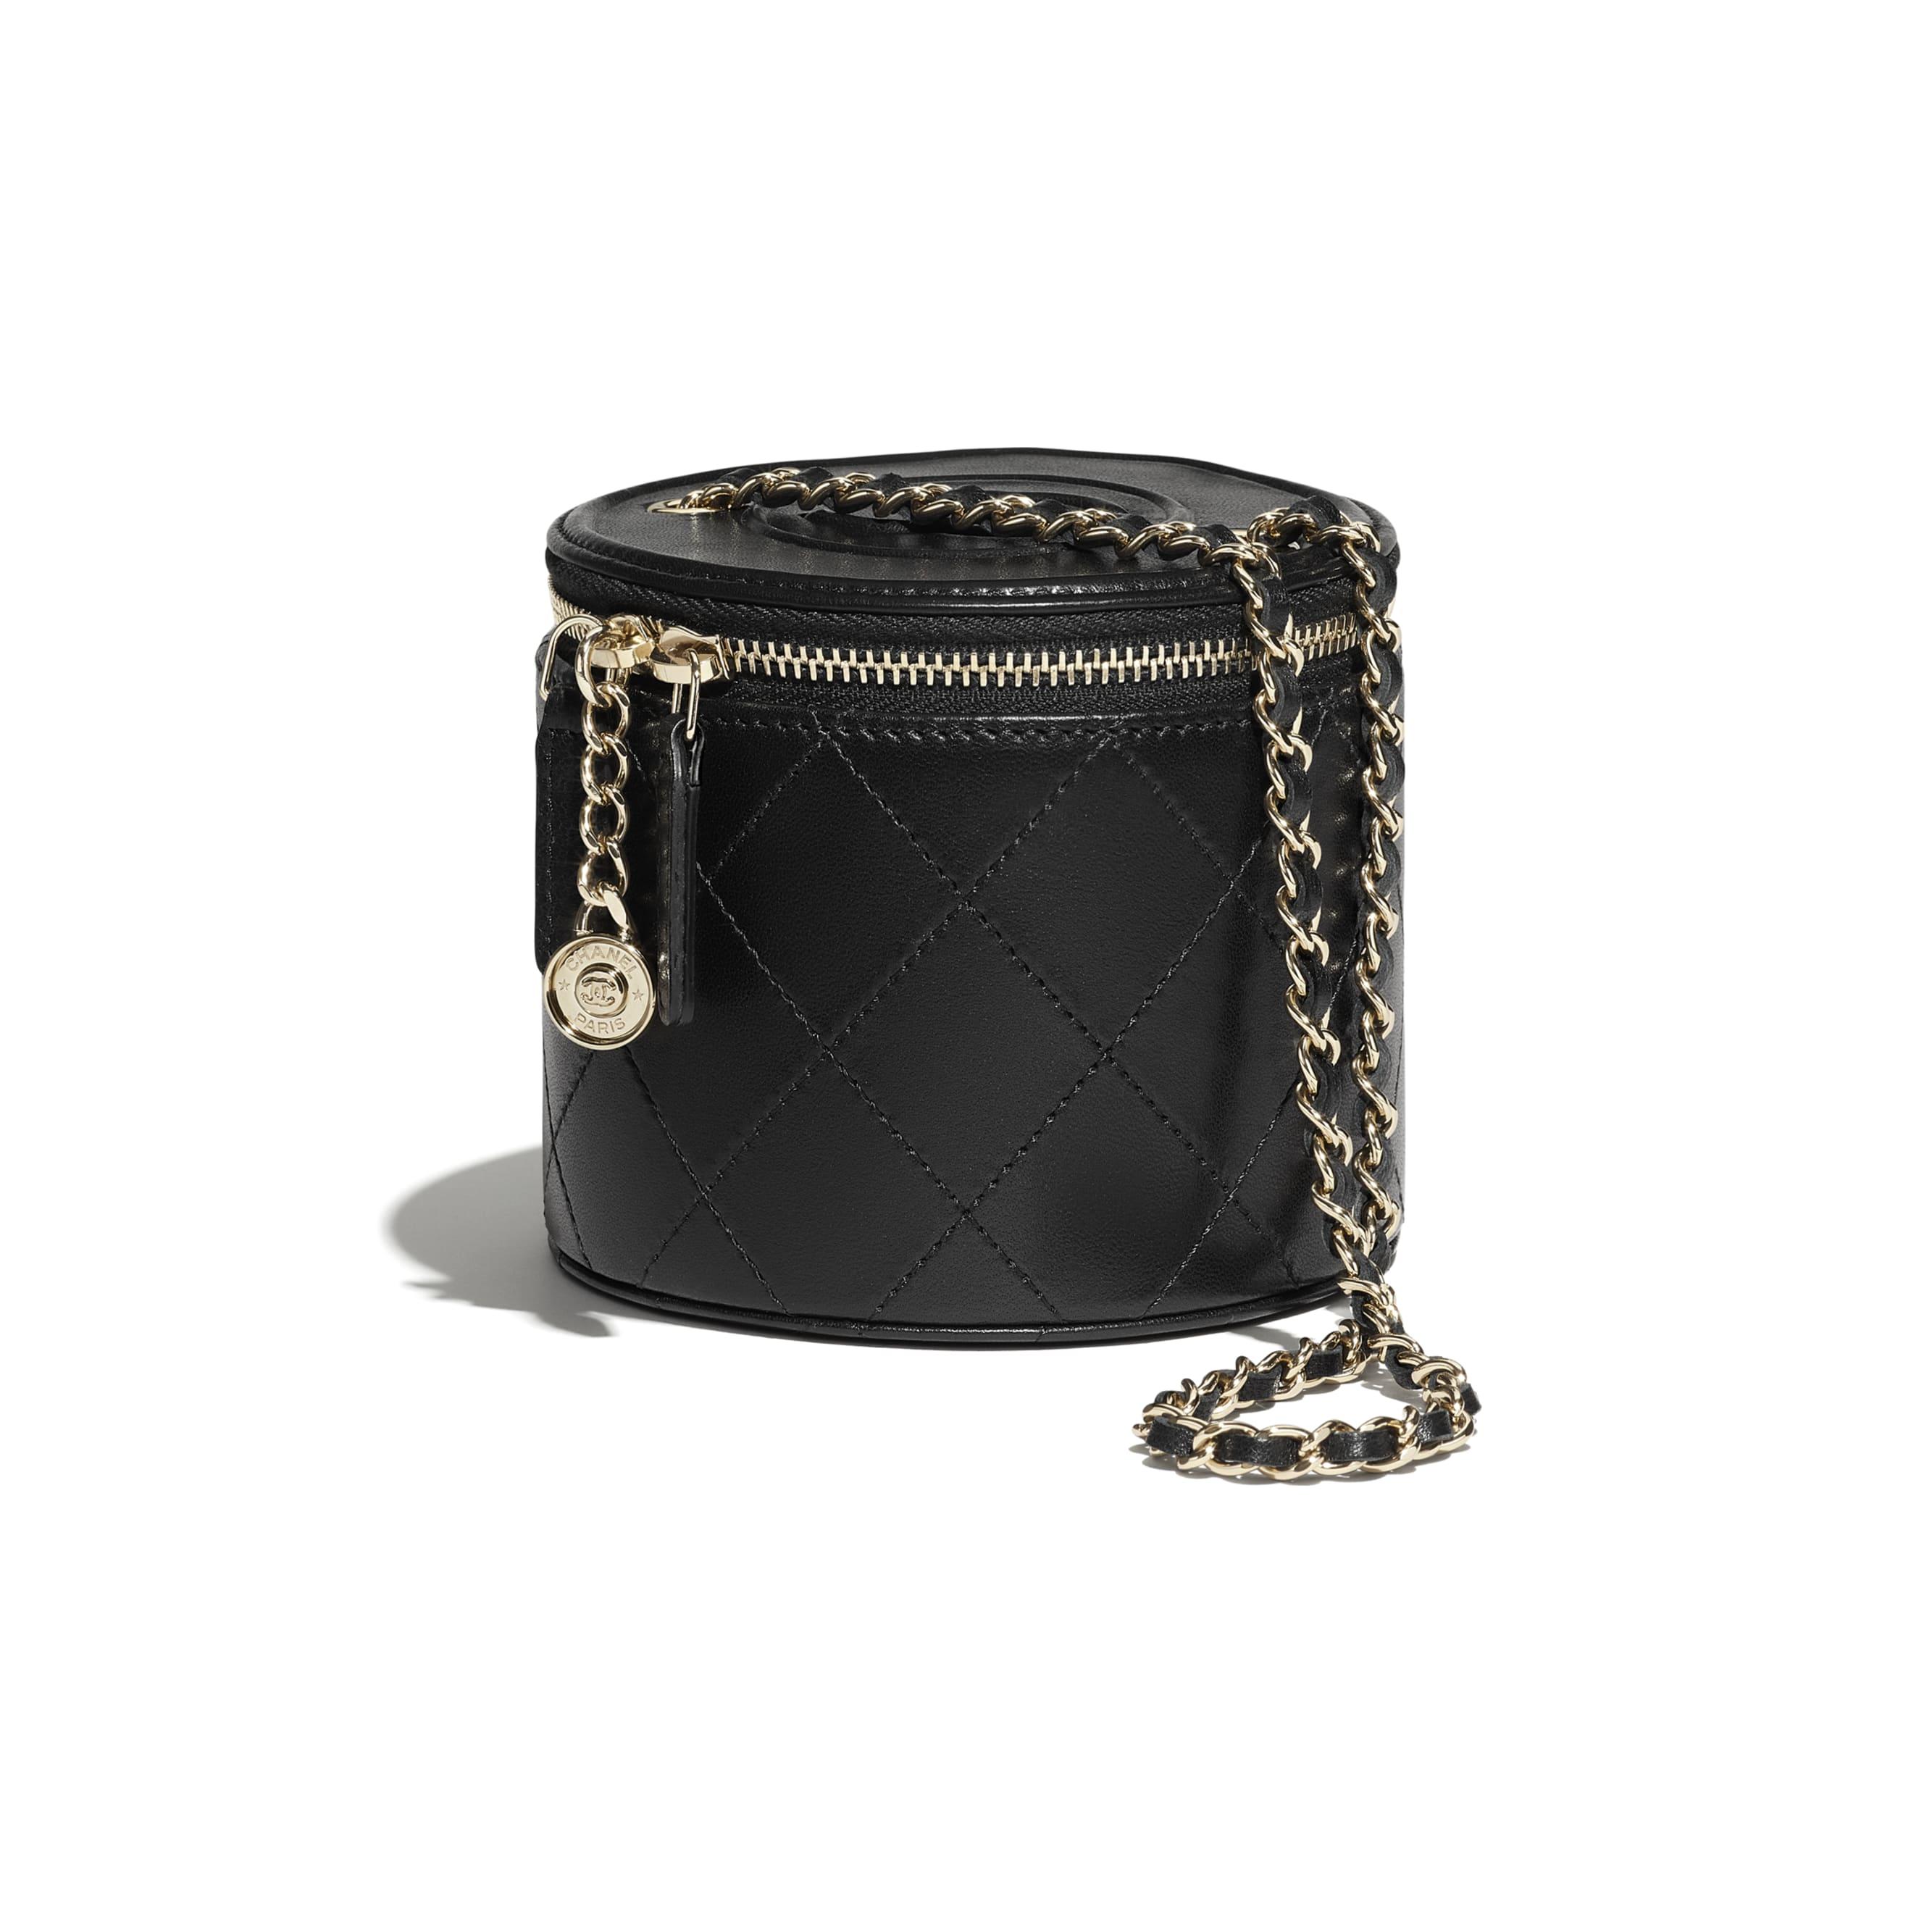 กระเป๋า Vanity ขนาดเล็ก พร้อมสายโซ่ - สีดำ - หนังแกะและโลหะสีทอง - CHANEL - มุมมองพิเศษ - ดูเวอร์ชันขนาดมาตรฐาน